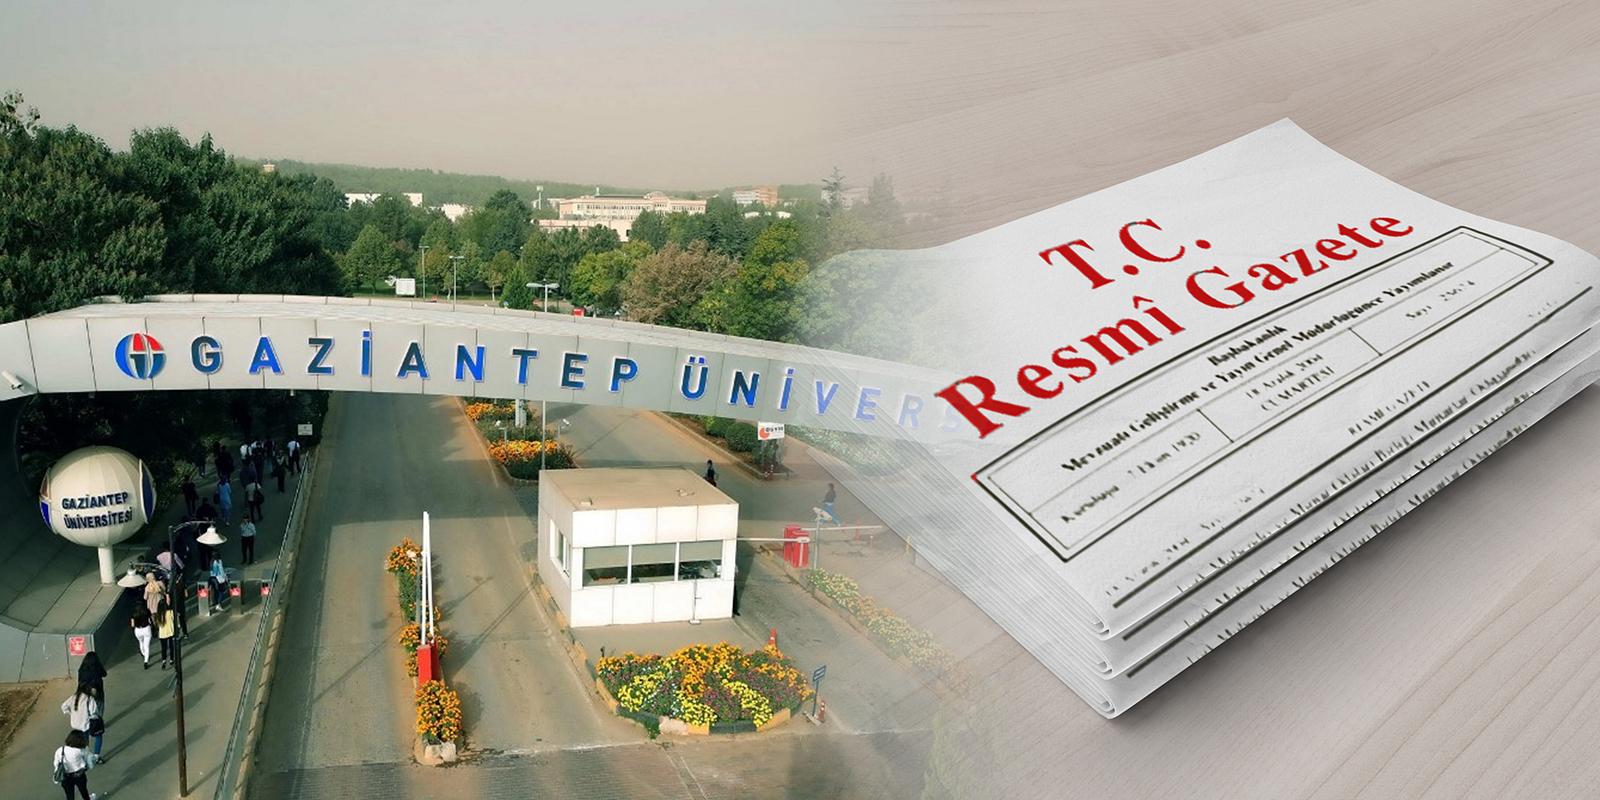 Gaziantep Üniversitesi personel alımı 2021| Gaziantep Üniversitesi sözleşmeli personel alımı ilanı 2021